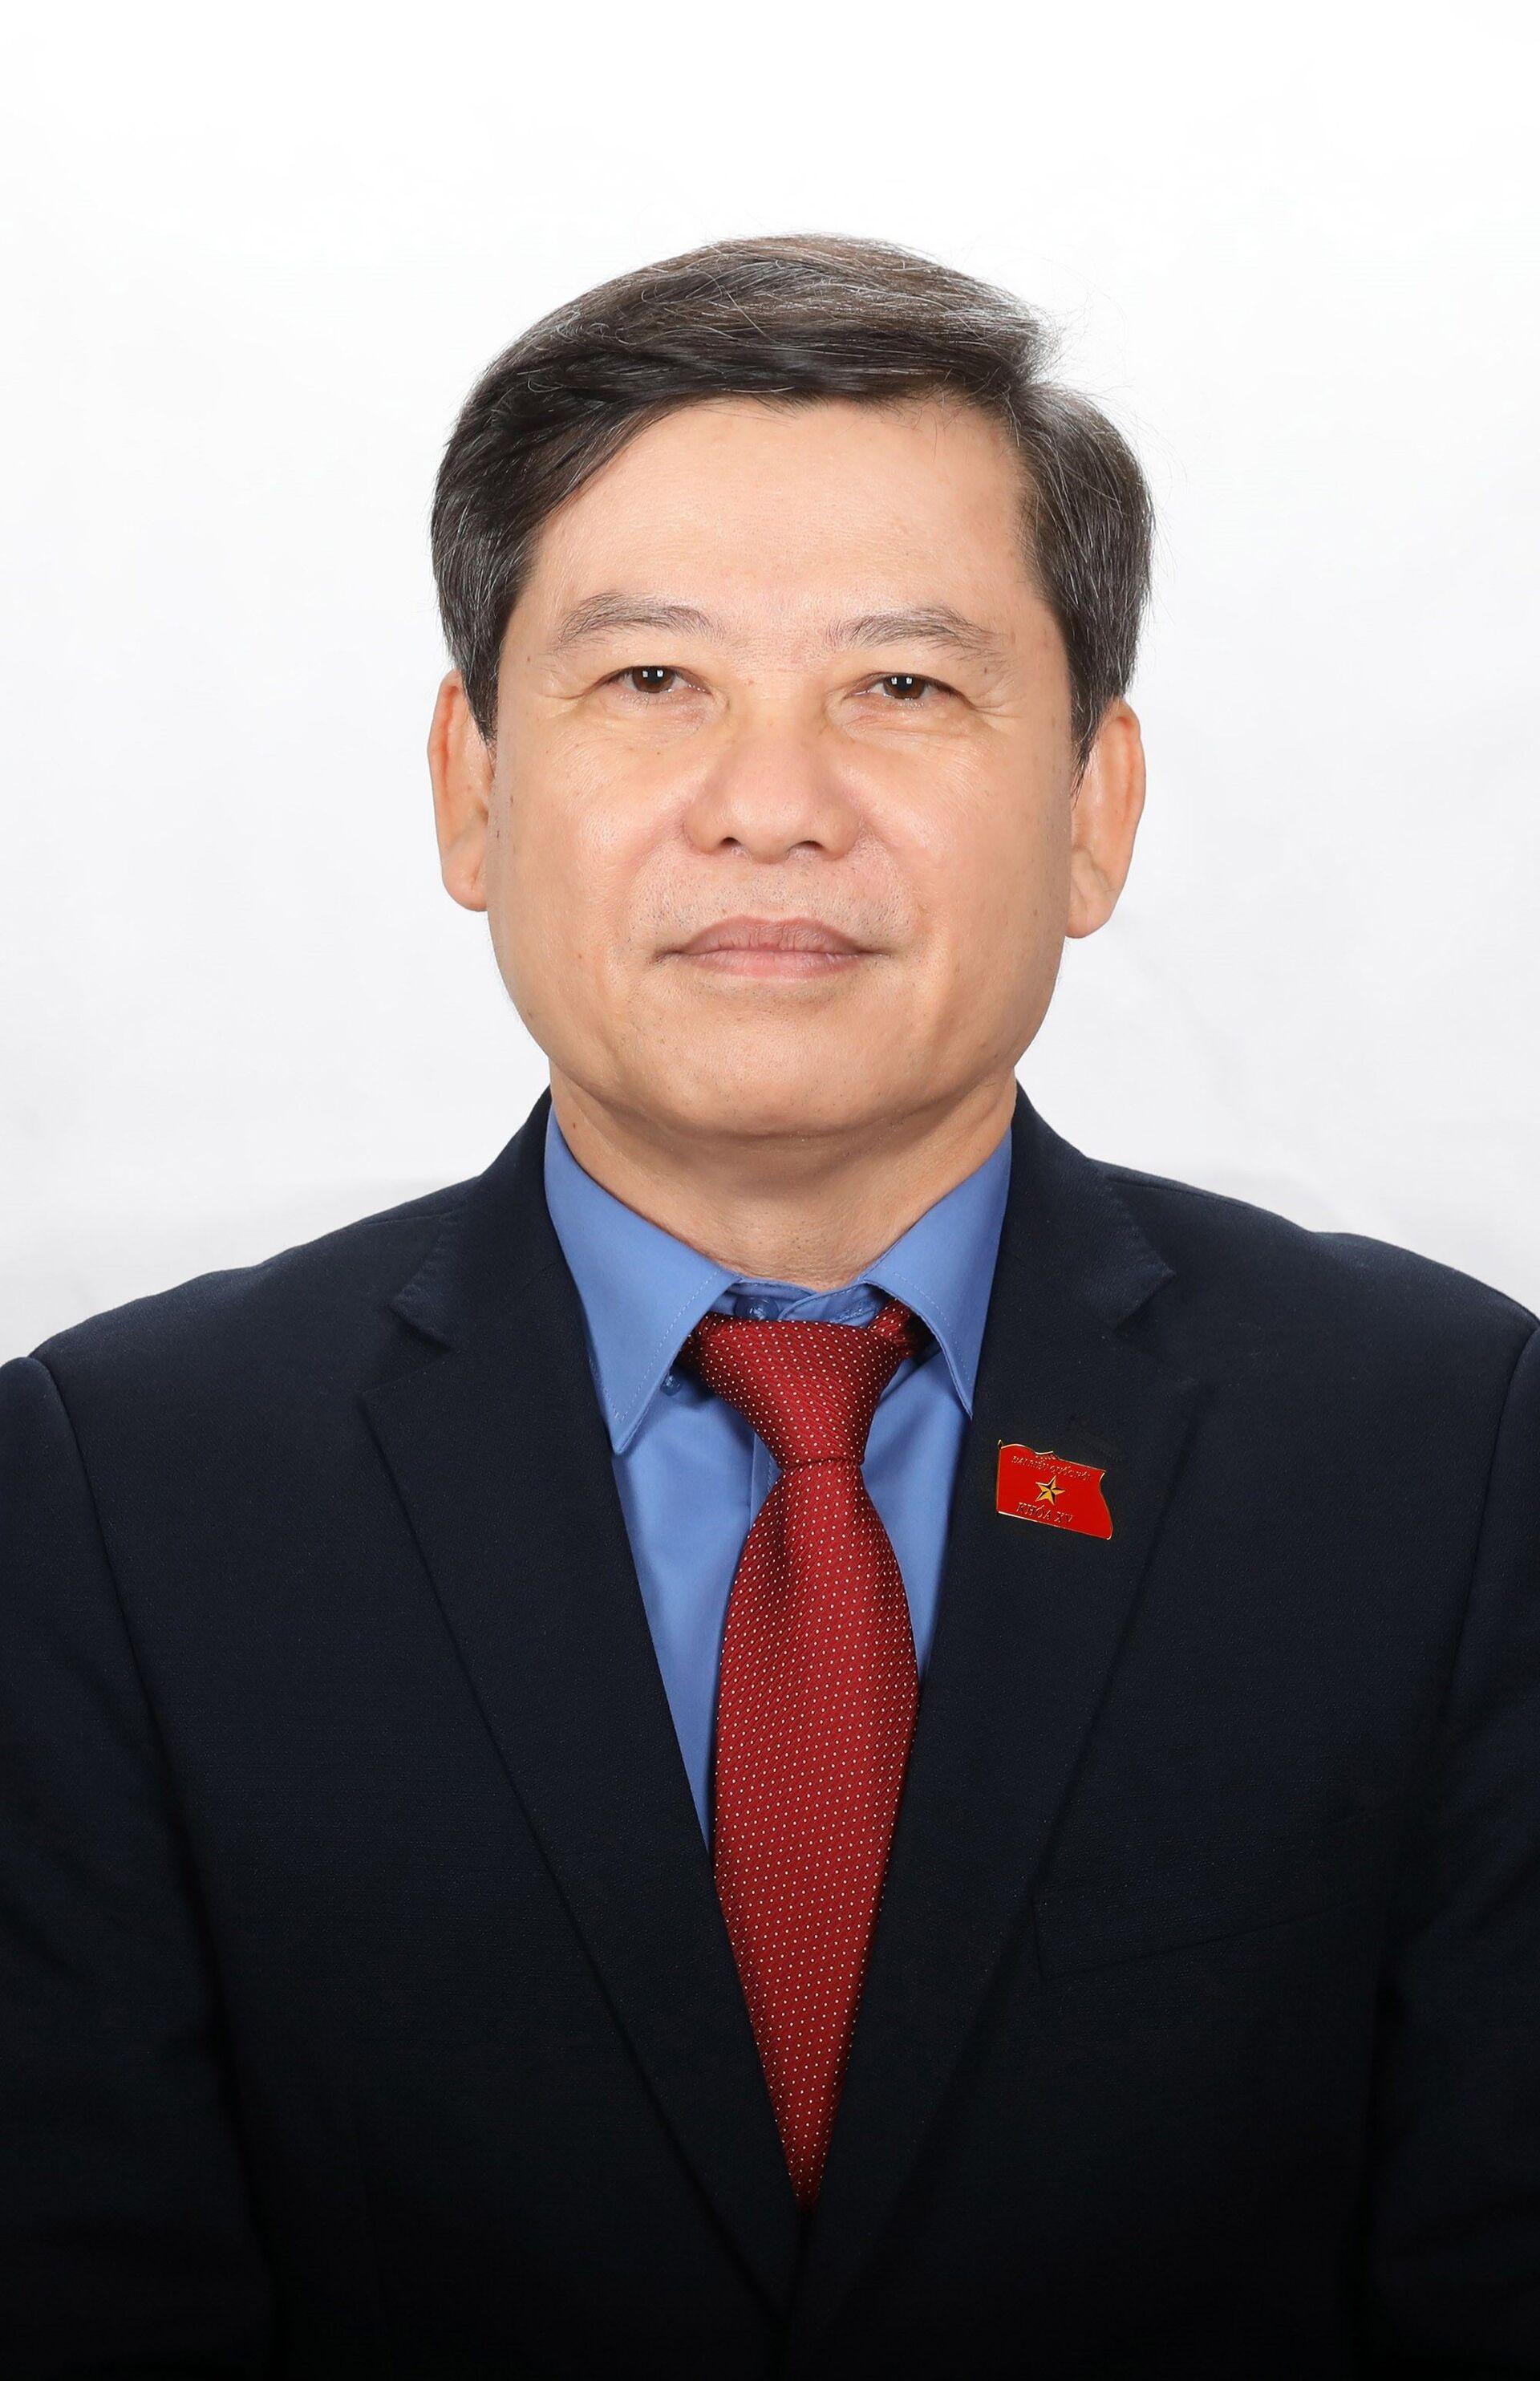 Chốt danh sách những lãnh đạo cấp cao của Bộ máy Chính trị - Sputnik Việt Nam, 1920, 26.07.2021